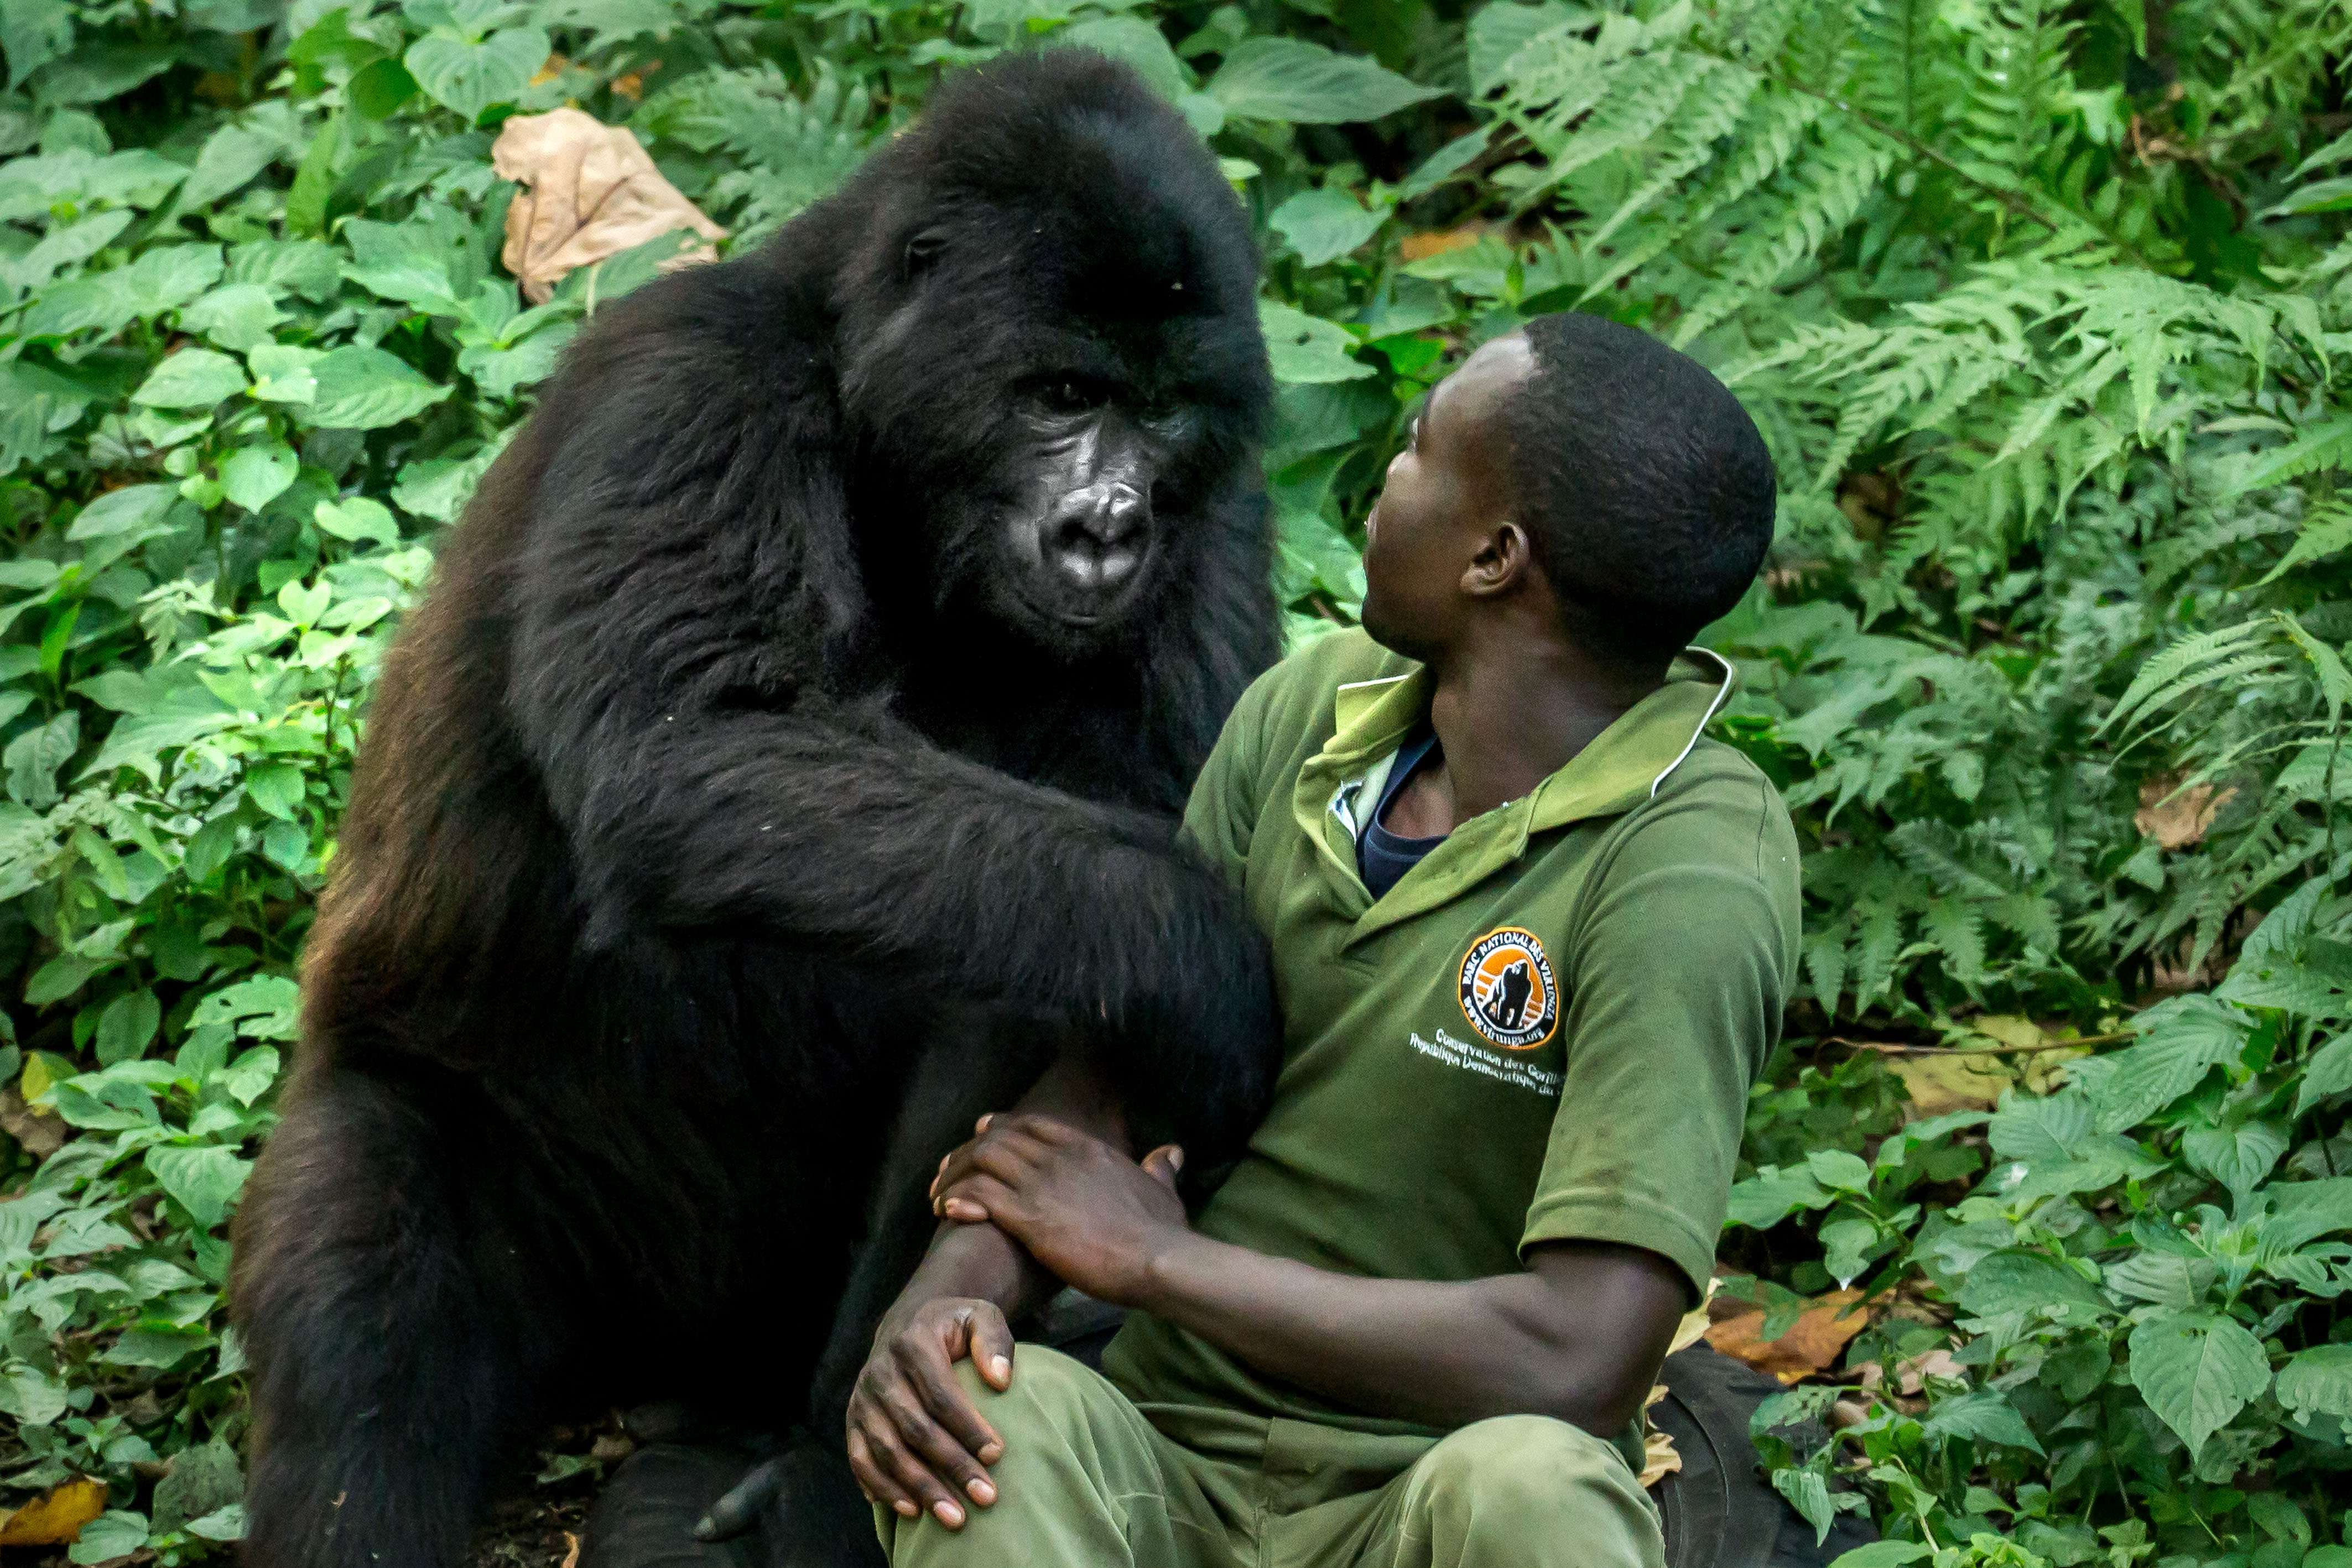 Gorilla hugging human caretaker